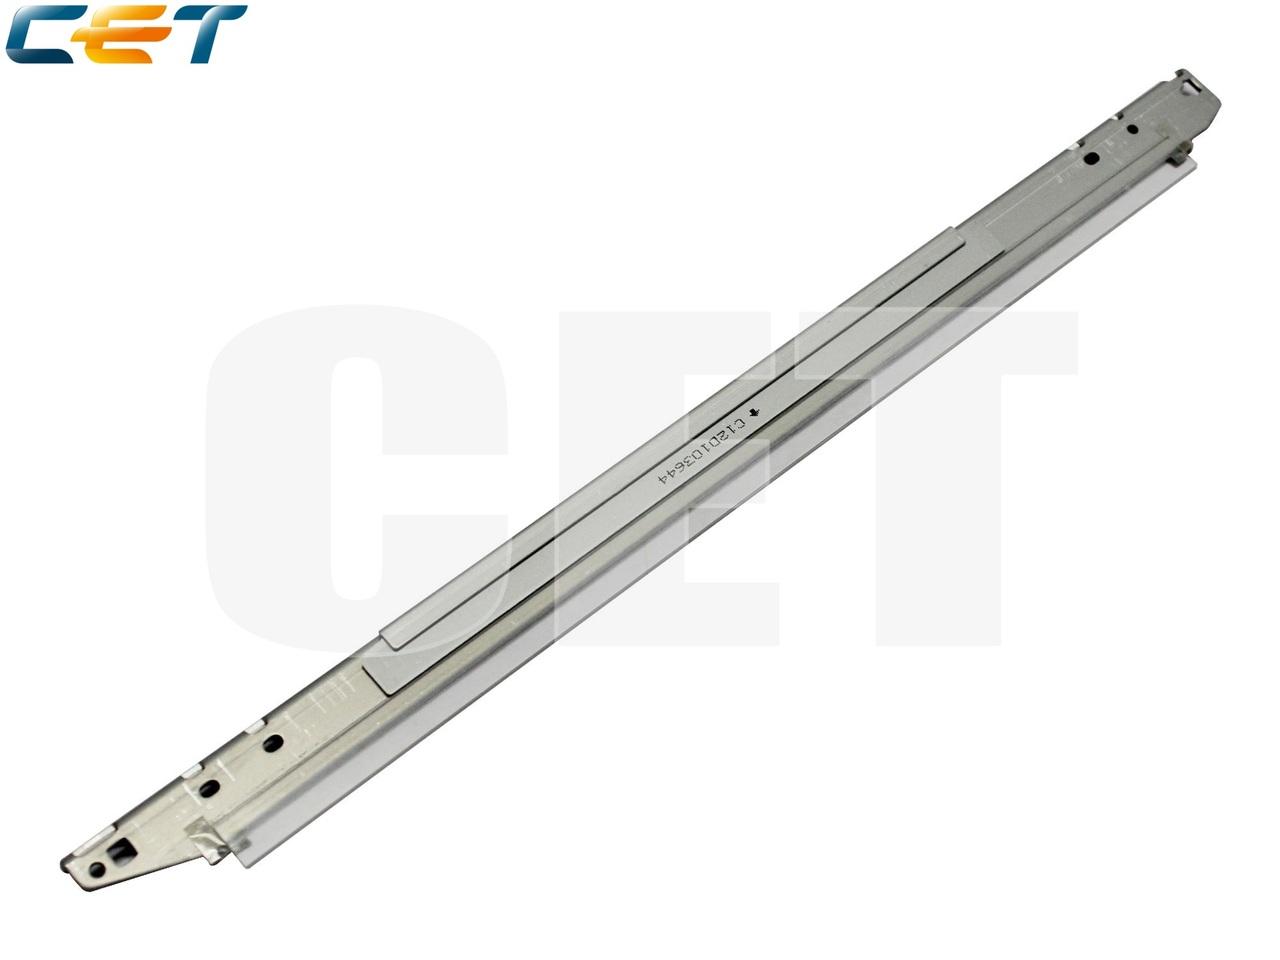 Ракель для RICOH Aficio MPC2500/MPC3000 (CET), CET3644